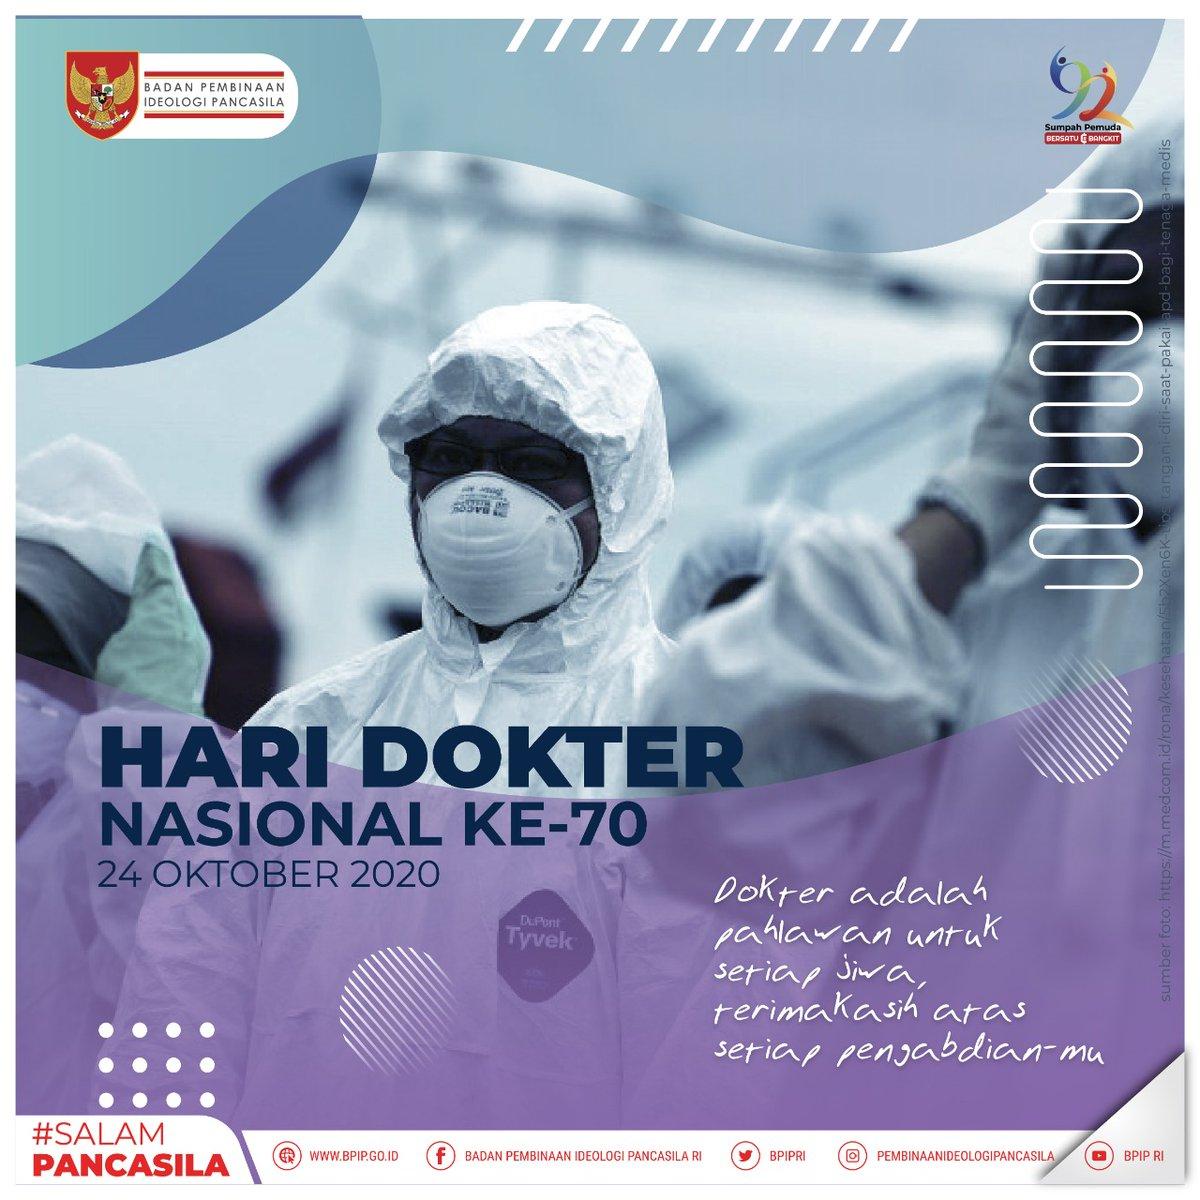 #SalamPancasila  Di Tahun 2020 kita merayakan Hari Dokter Nasional yang ke 70 dan di tanggal 24 Oktober 1950 juga merupakan hari kelahiran dari IDI (Ikatan Dokter Indonesia).  - Selamat Hari Dokter Nasional ke-70! 24 Oktober 2020 -  #HariDokterNasional #CeritaPancasila #BPIP https://t.co/swkOmb6Cf9